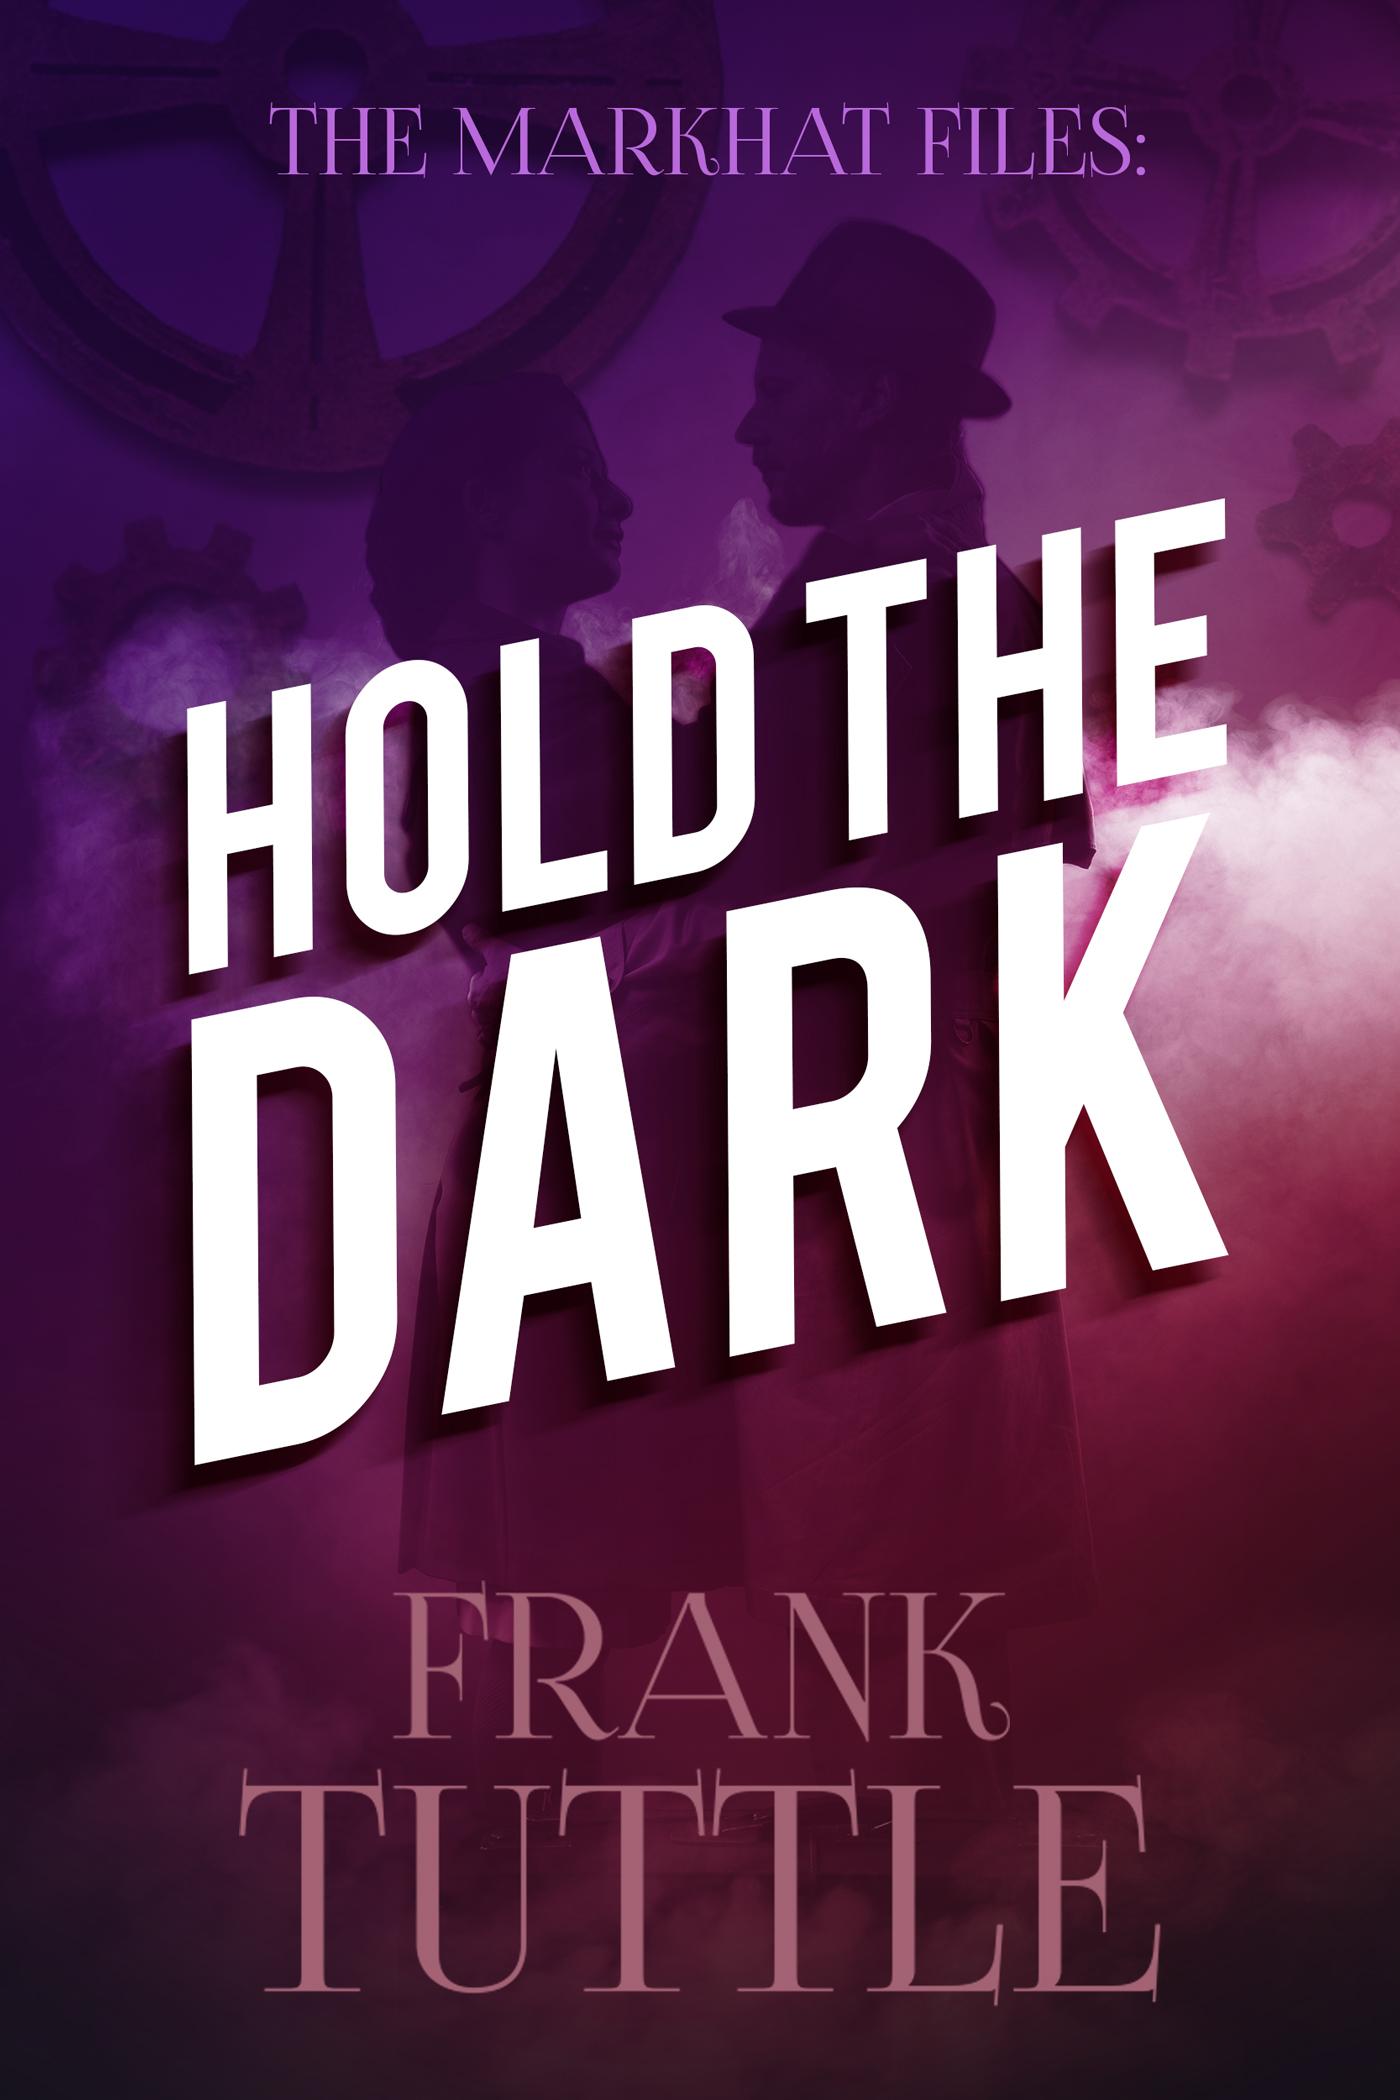 [FT-2017-002]-FT-Hold-the-Dark-E-Book-Cover_1400x2100.jpg